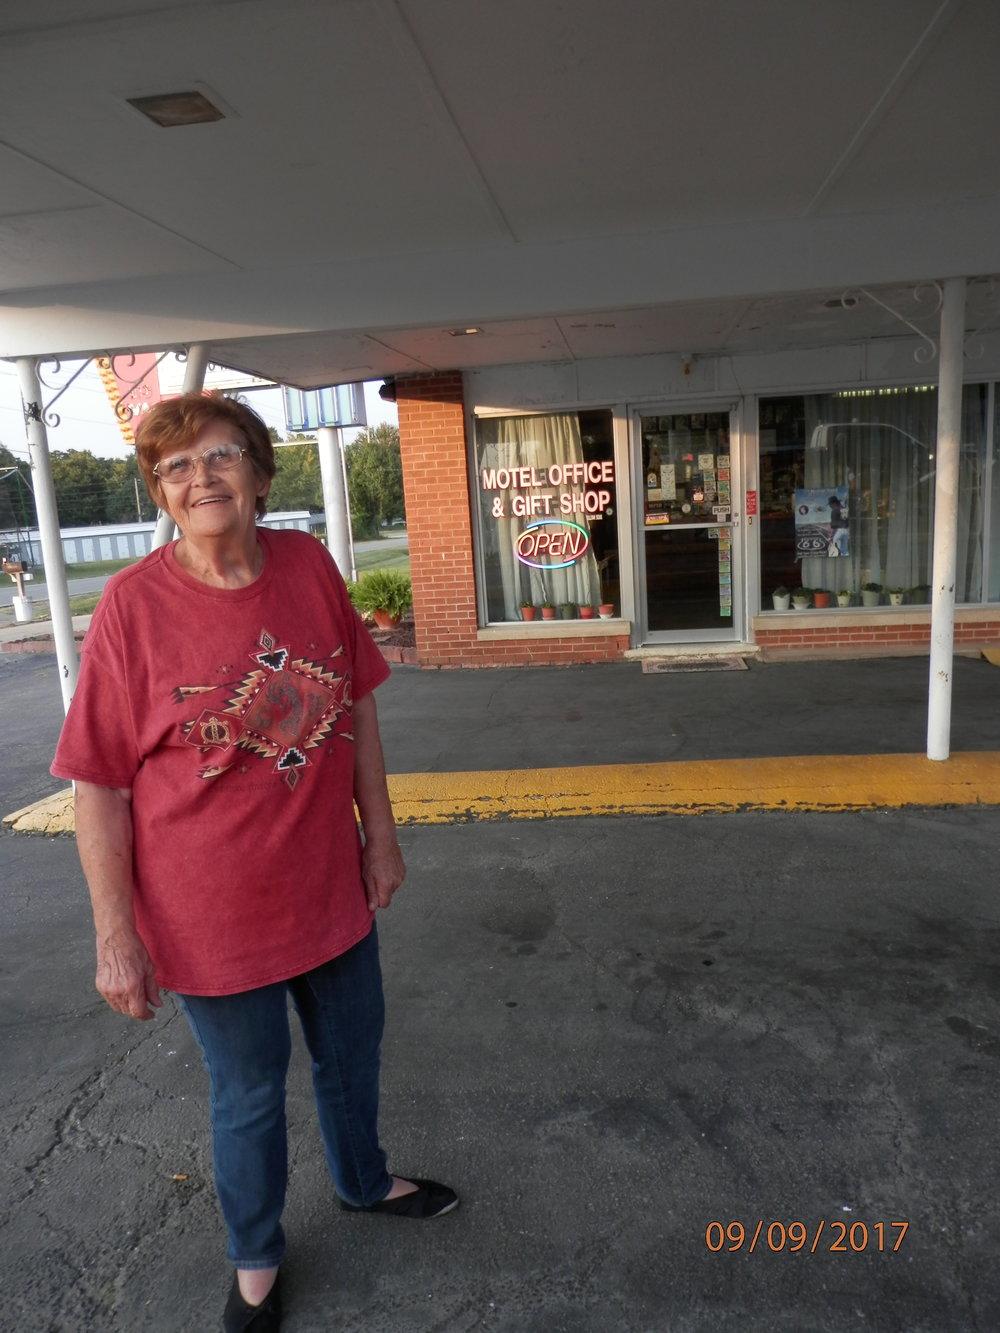 Ennen kuin saavuimme Ramonan emännöimään Murger Moss motelliin näimme Route66 tienvarressa maailman suurimman keinutuolin